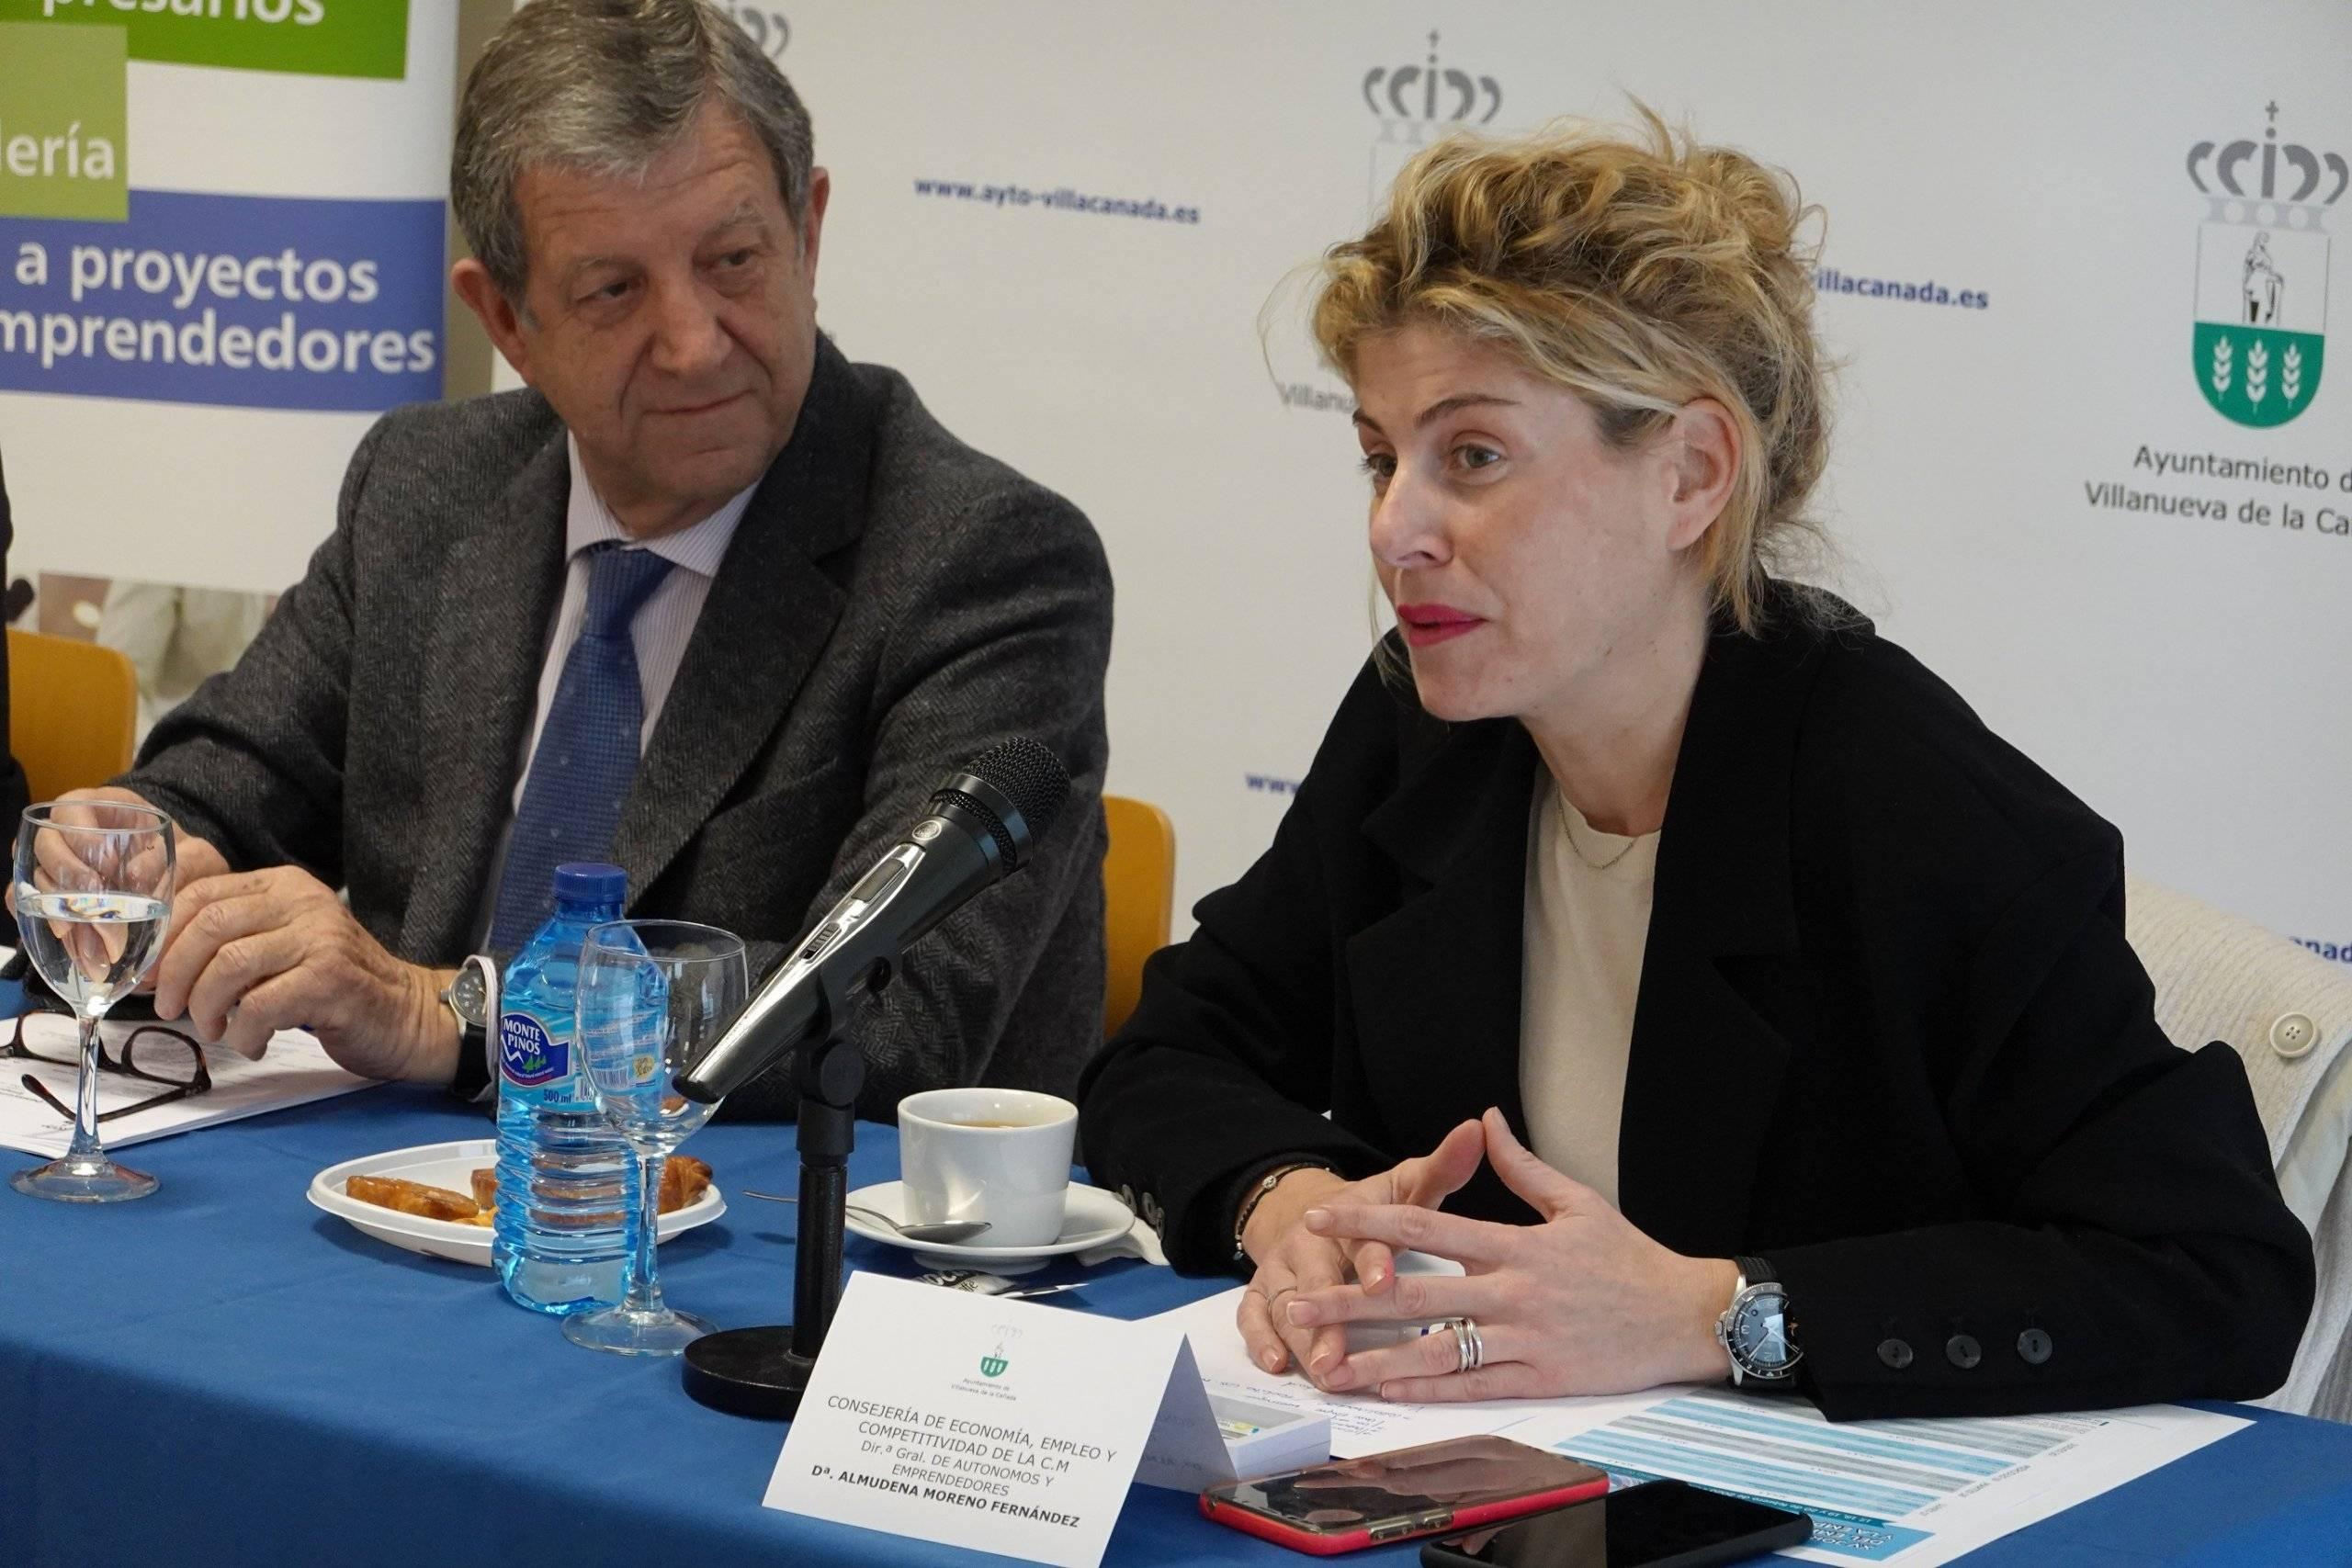 La directora general de Autónomos de la CM, Almudena Moreno, junto al alcalde, durante su intervención.